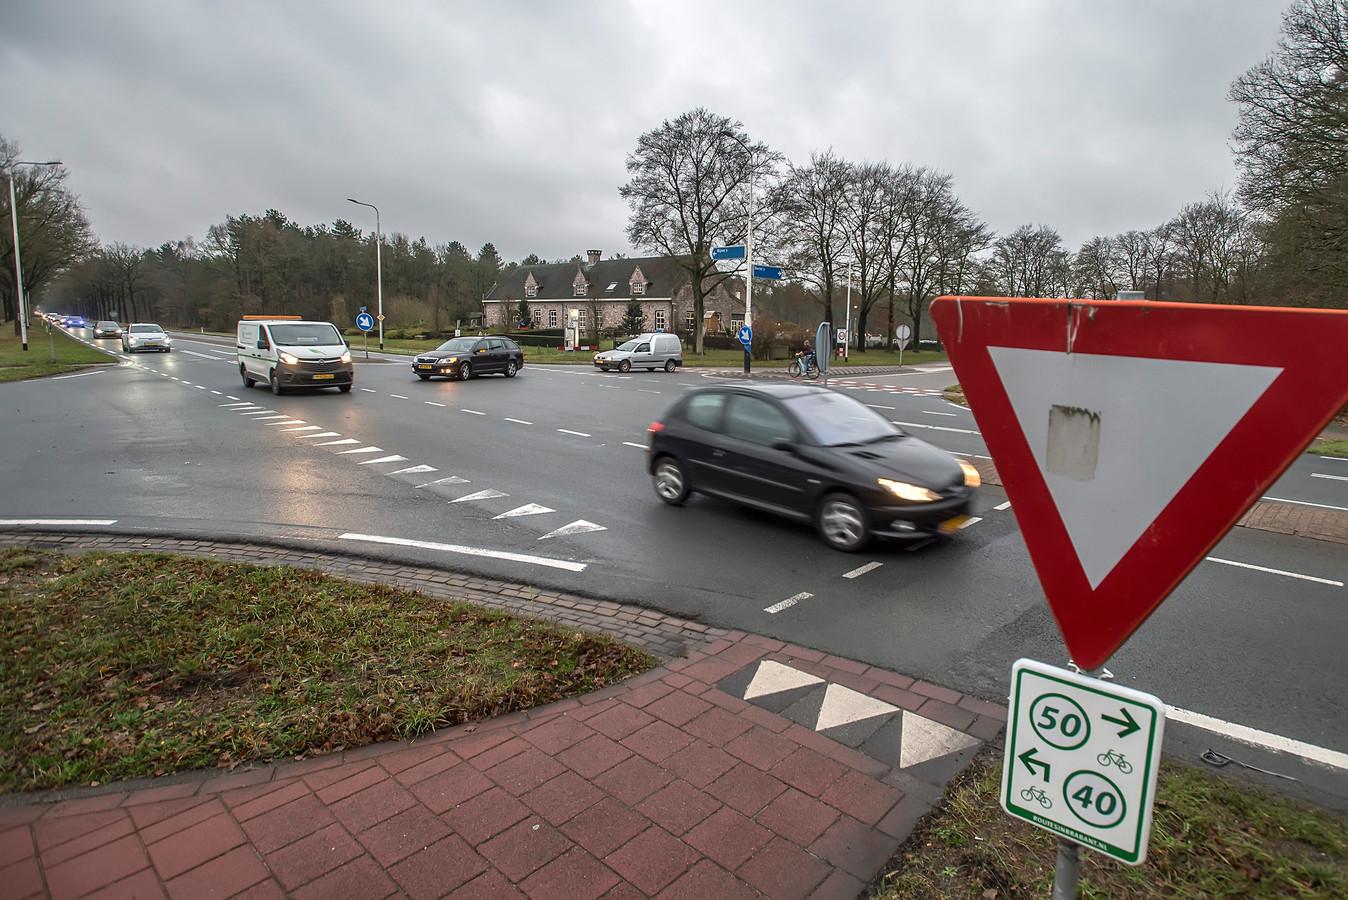 De kruising van de Vijf Eikenweg en de Ketenbaan is al jaren onderwerp van discussie vanwege de vele ernstige ongelukken. Nu ligt er een plan om de gevaarlijke situatie aan te pakken.